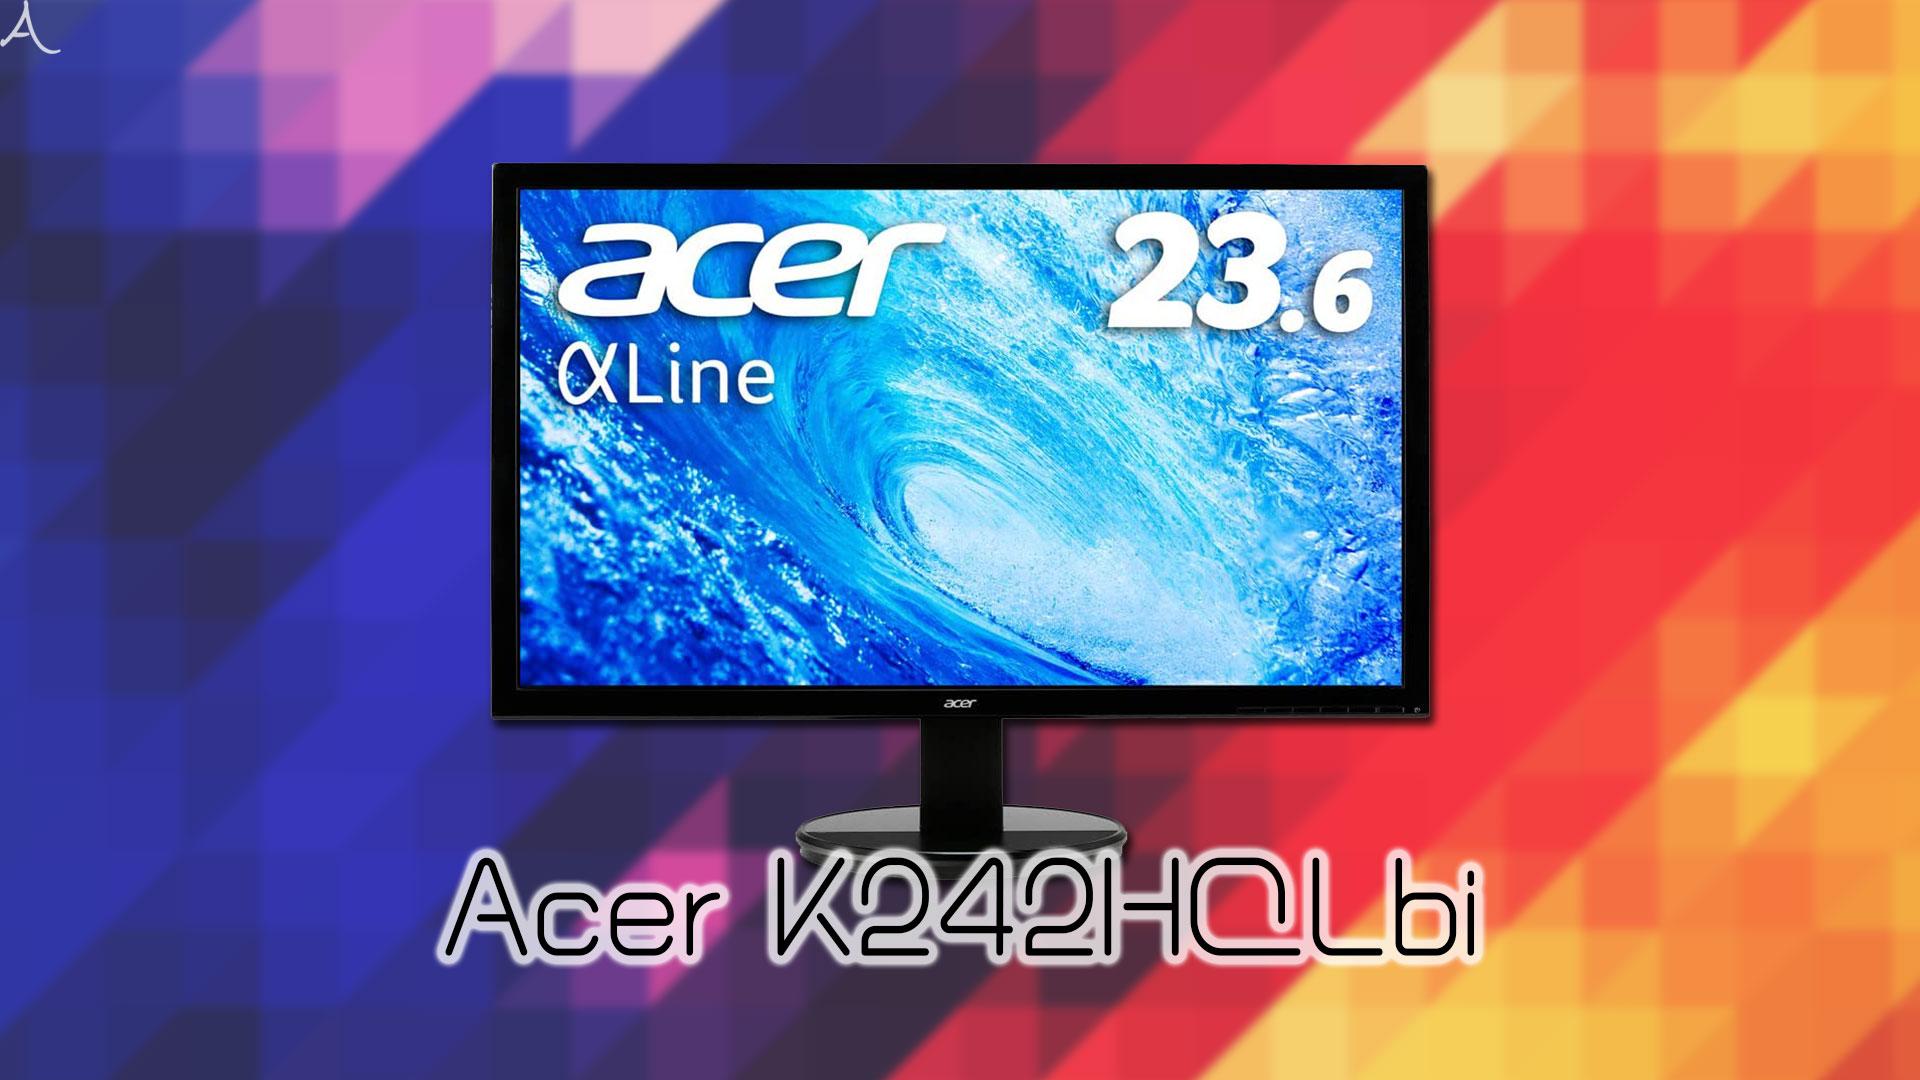 「Acer K242HQLbi」ってモニターアーム使えるの?VESAサイズやおすすめアームはどれ?